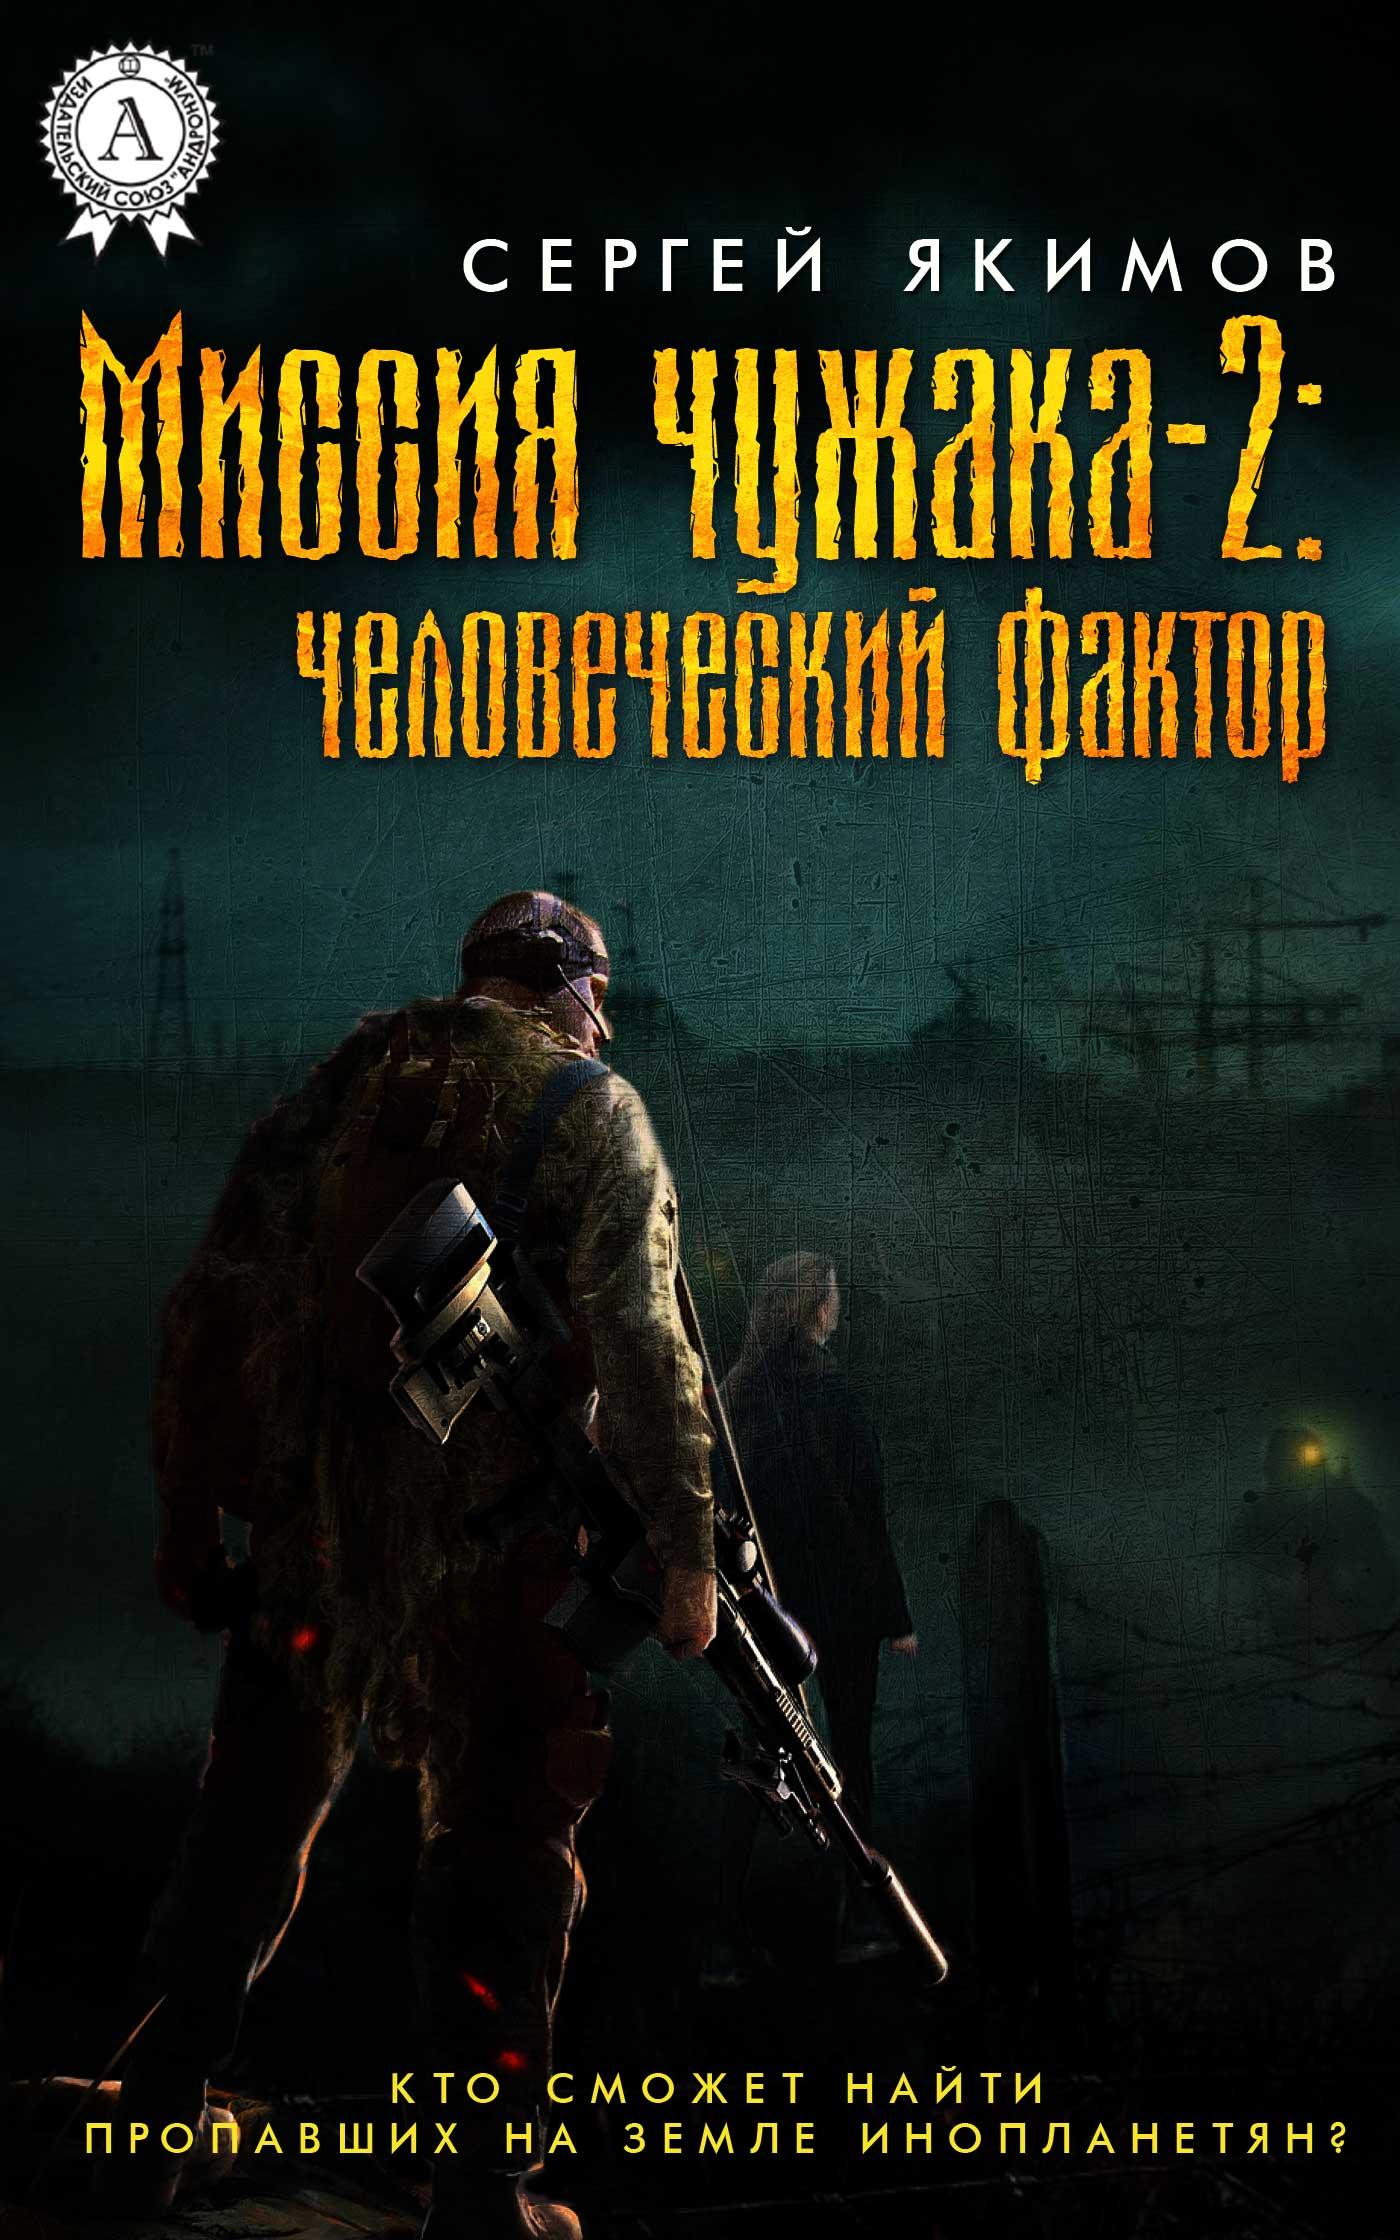 Сергей Якимов бесплатно